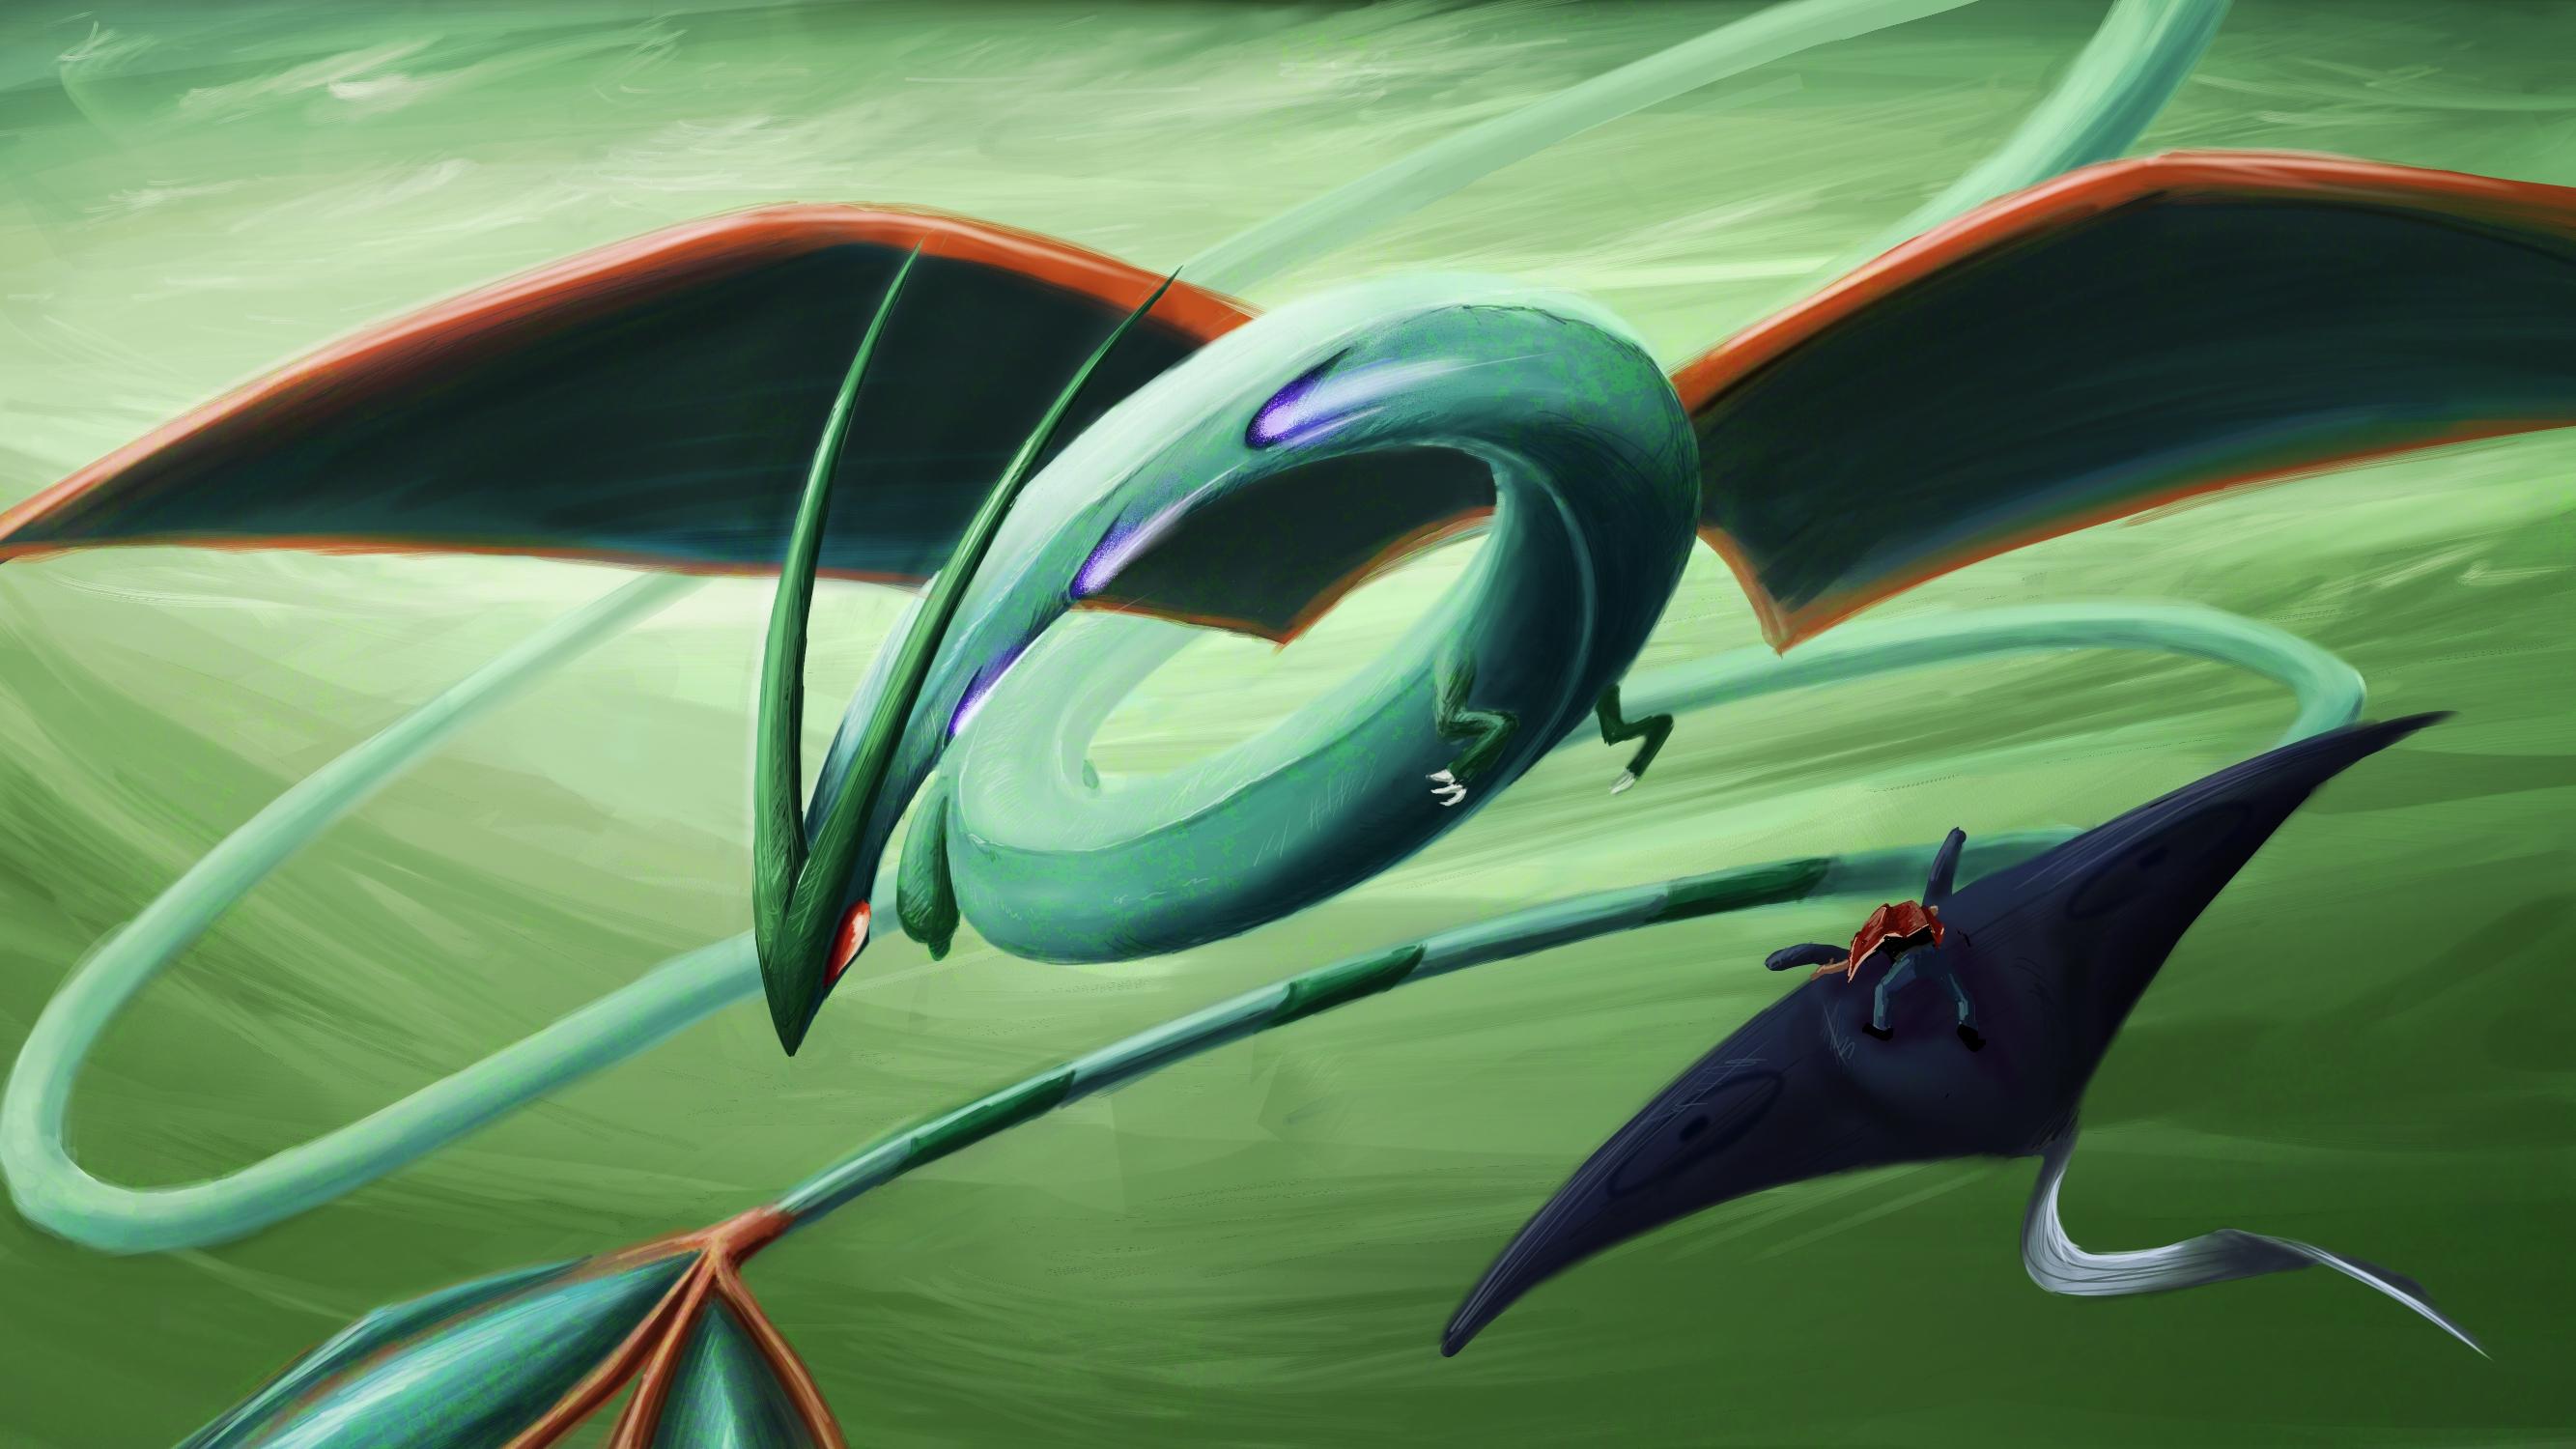 Pokemon flygon wallpaper 2667x1500 11014 WallpaperUP 2667x1500